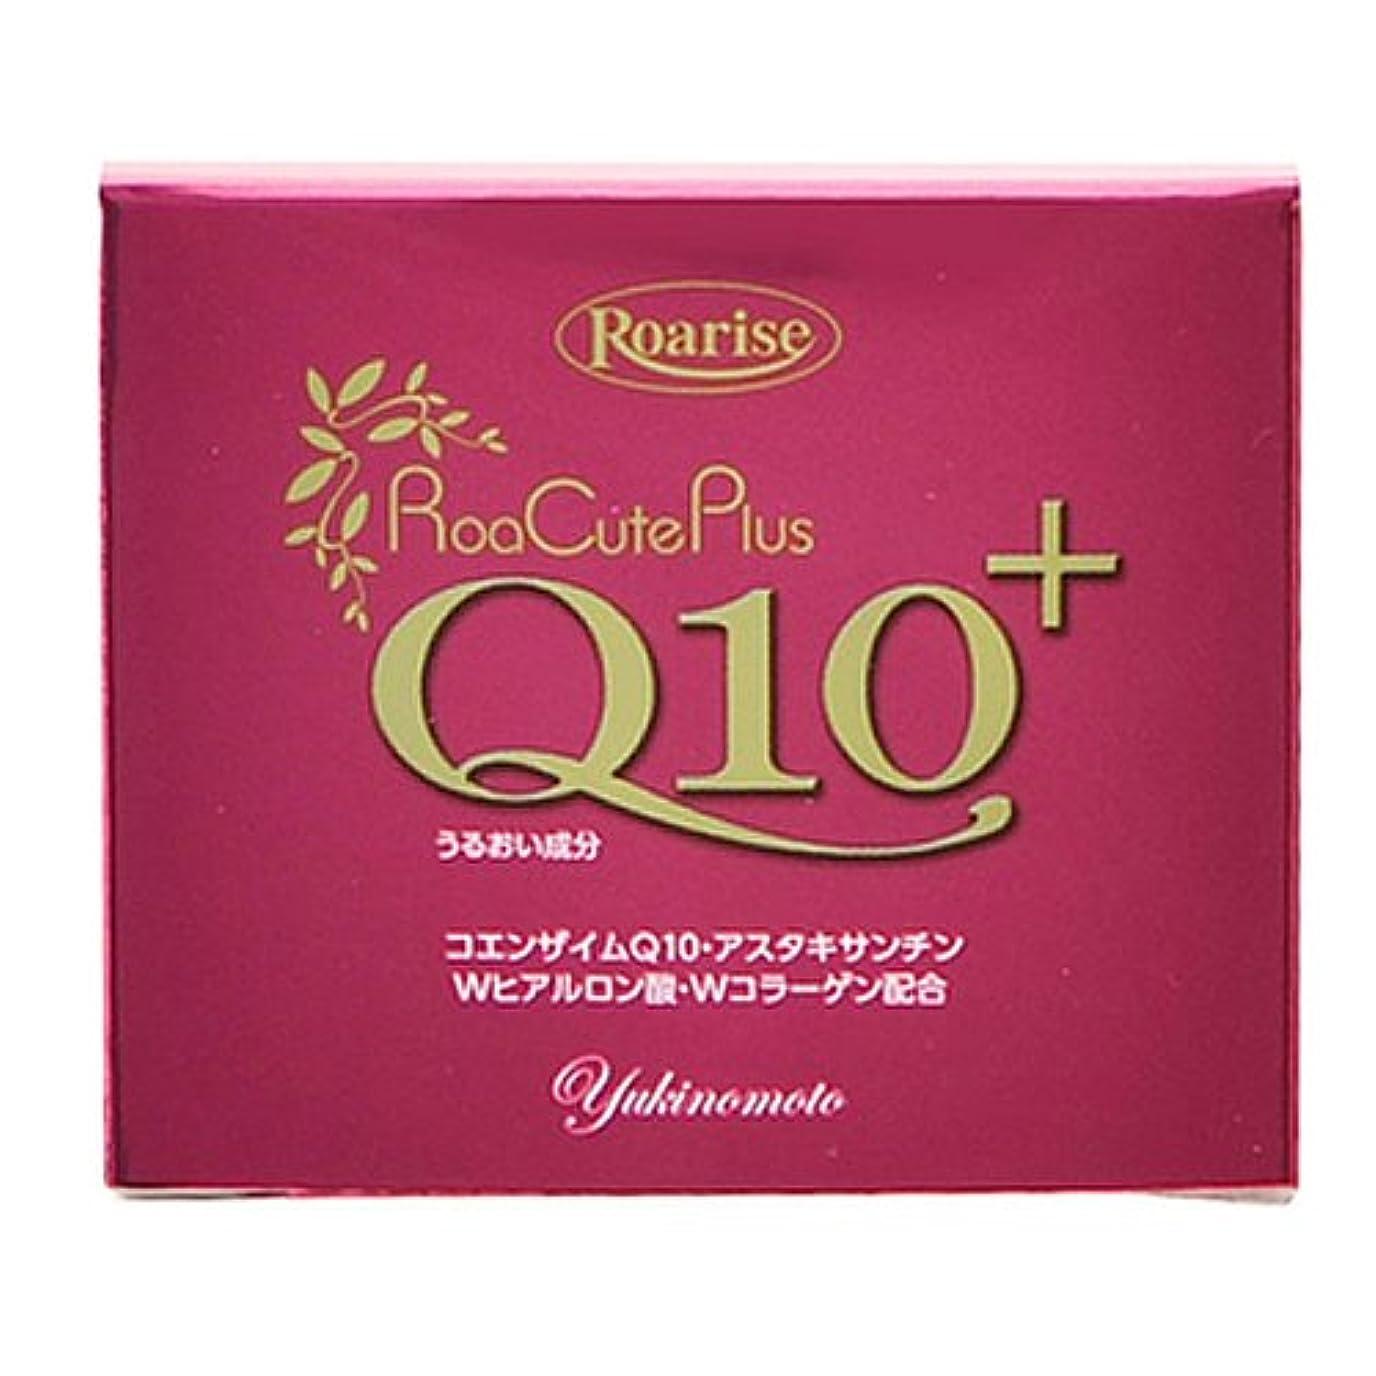 魂飽和する露出度の高い薬用ロアキュートプラス Q10+ 50g 医薬部外品